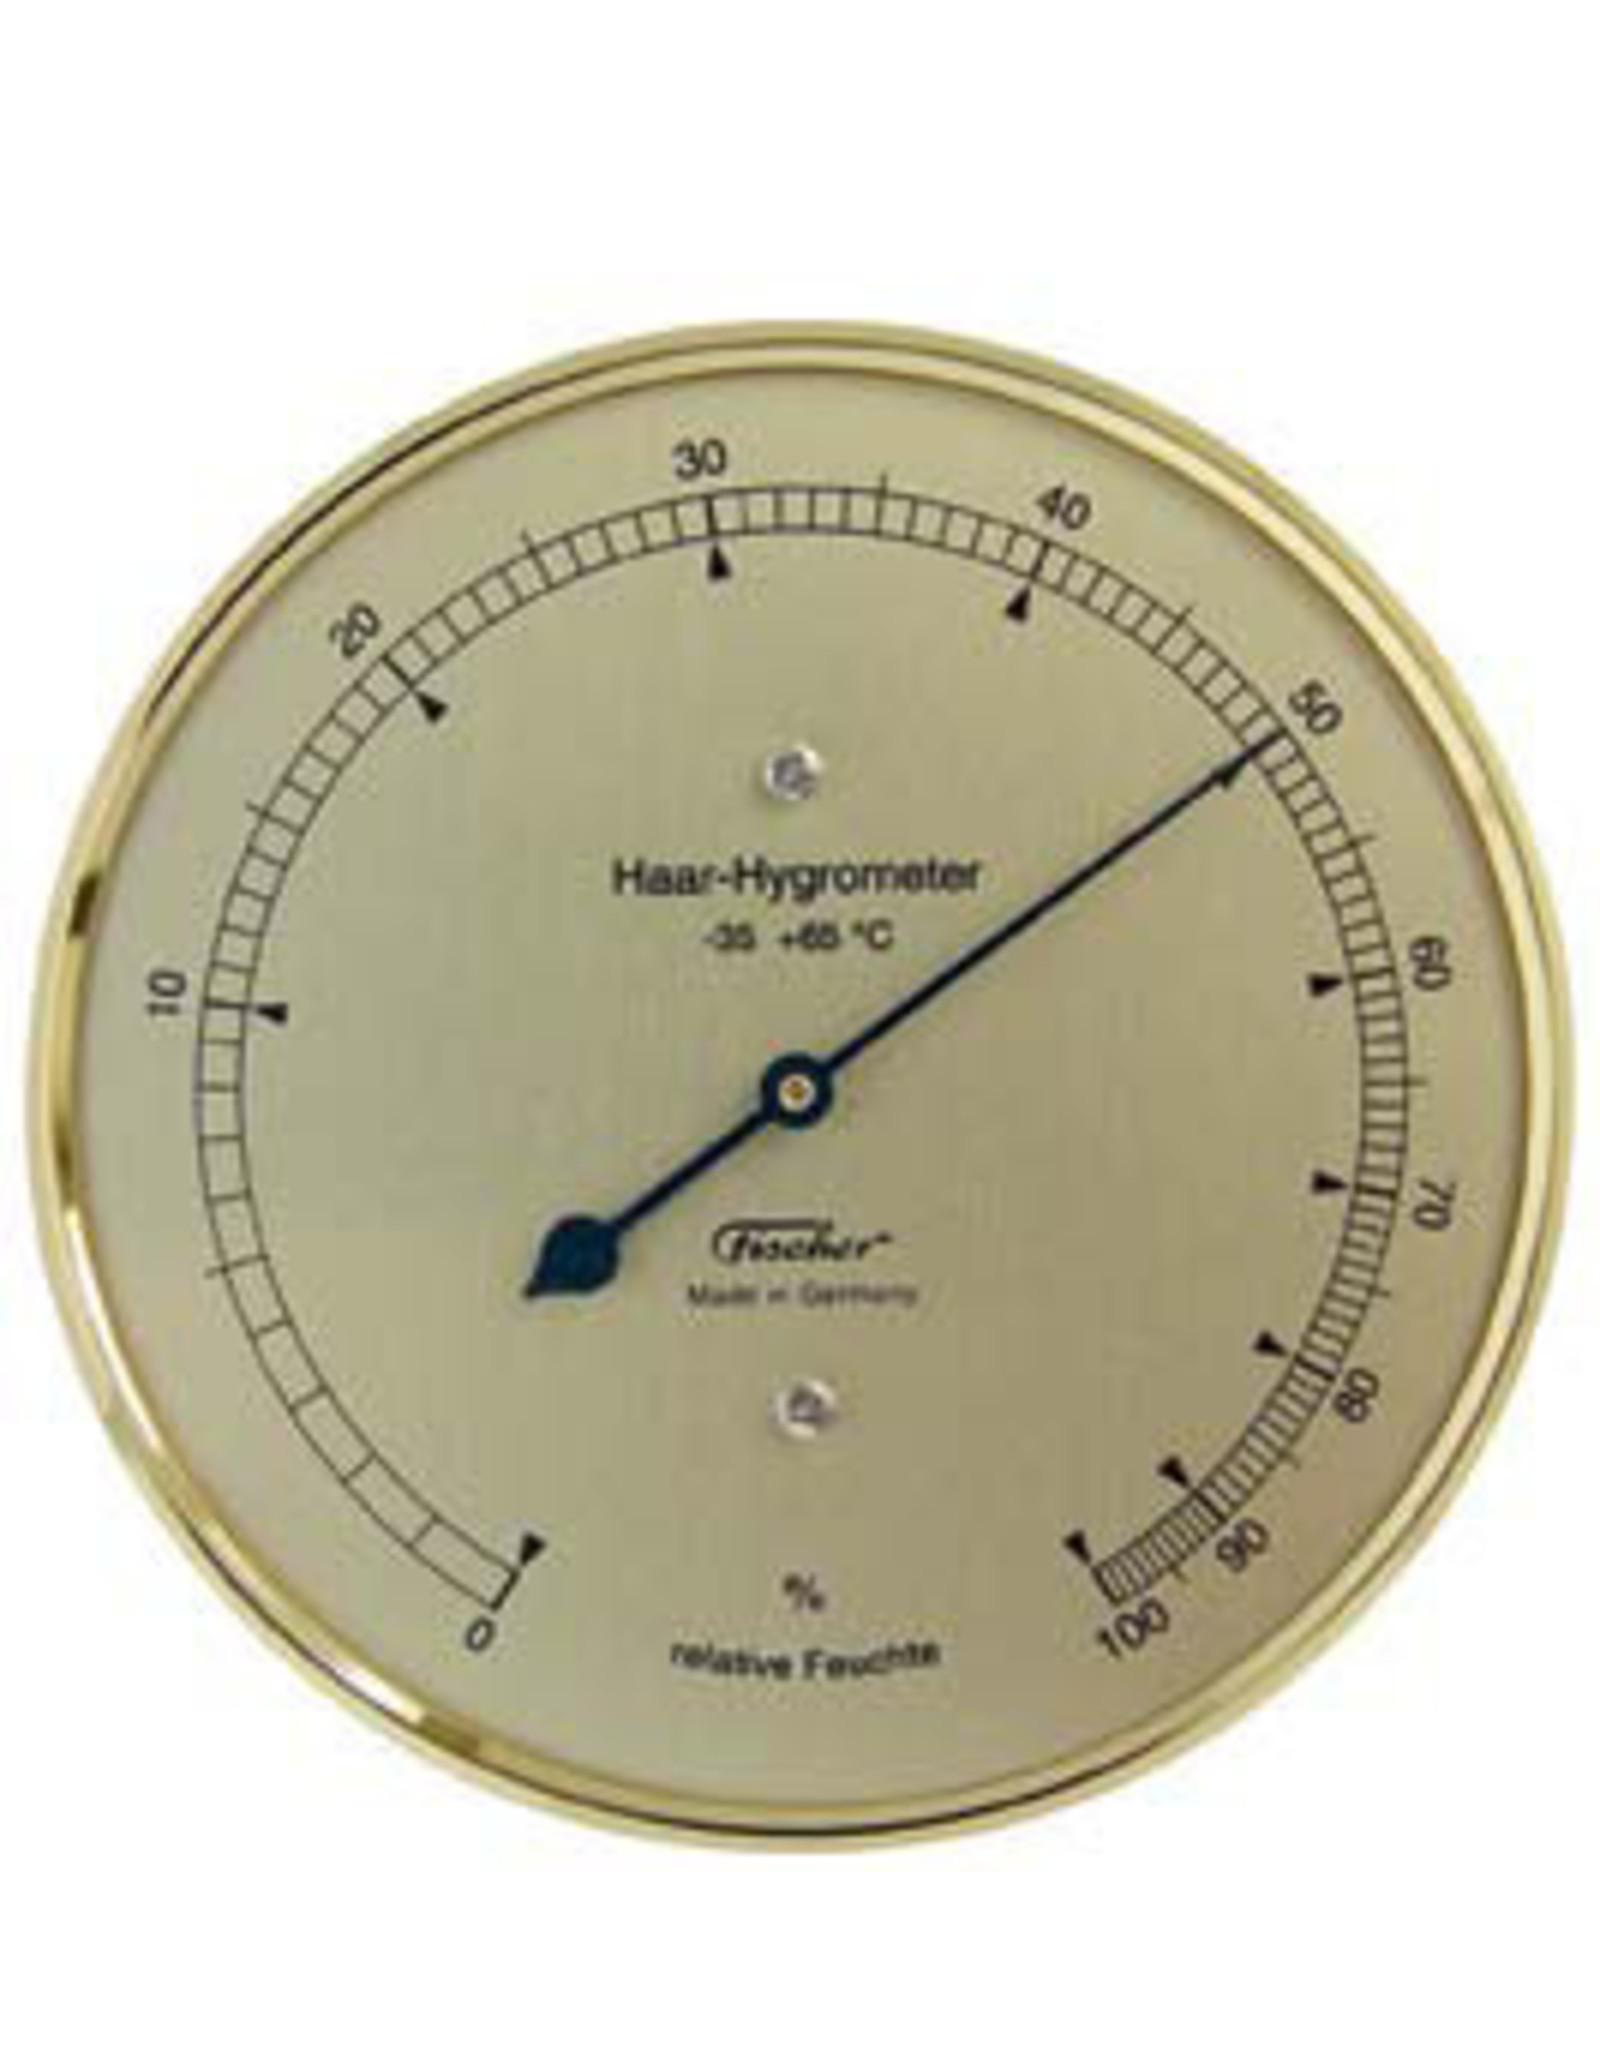 Fischer 012 Hygrometer mensenhaar, stijlvol, koperkleurig stalen frame